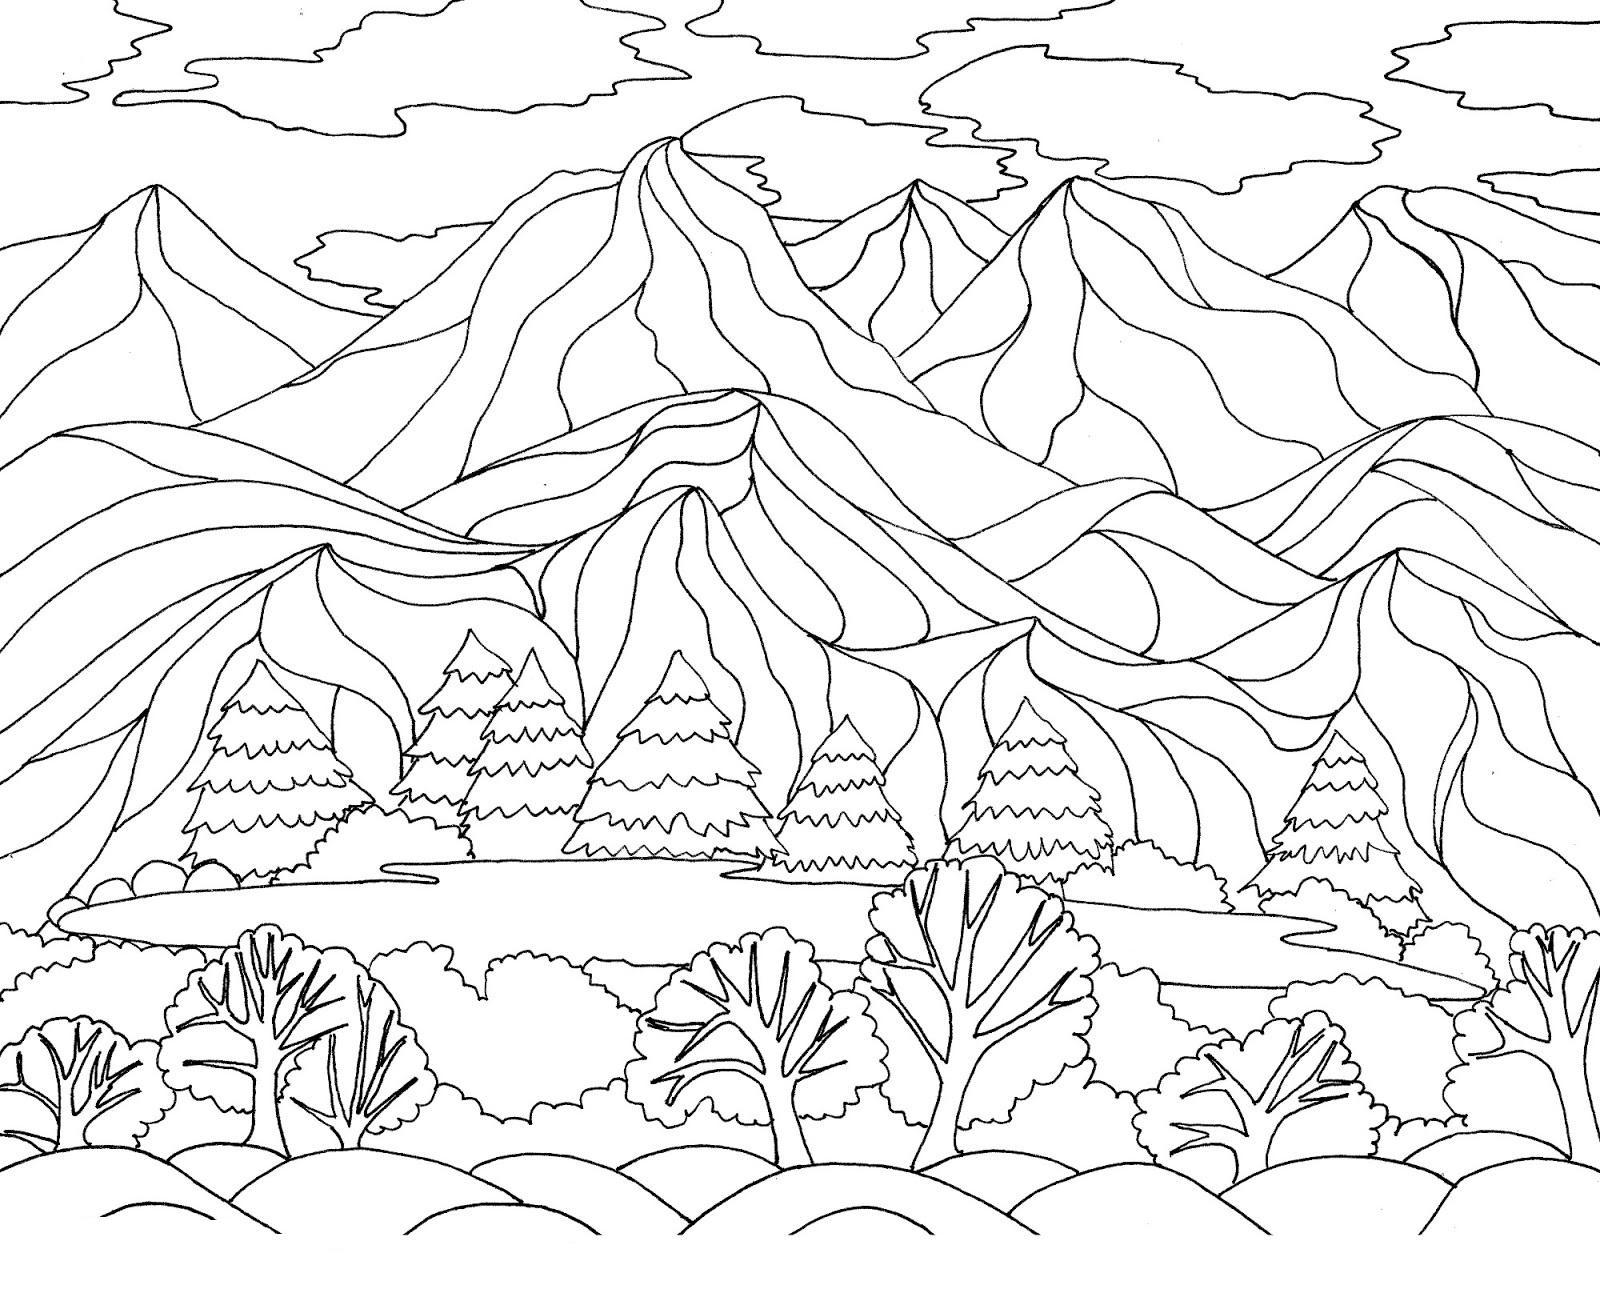 Disegni Da Colorare Natura Paesaggio Foresta Montagne